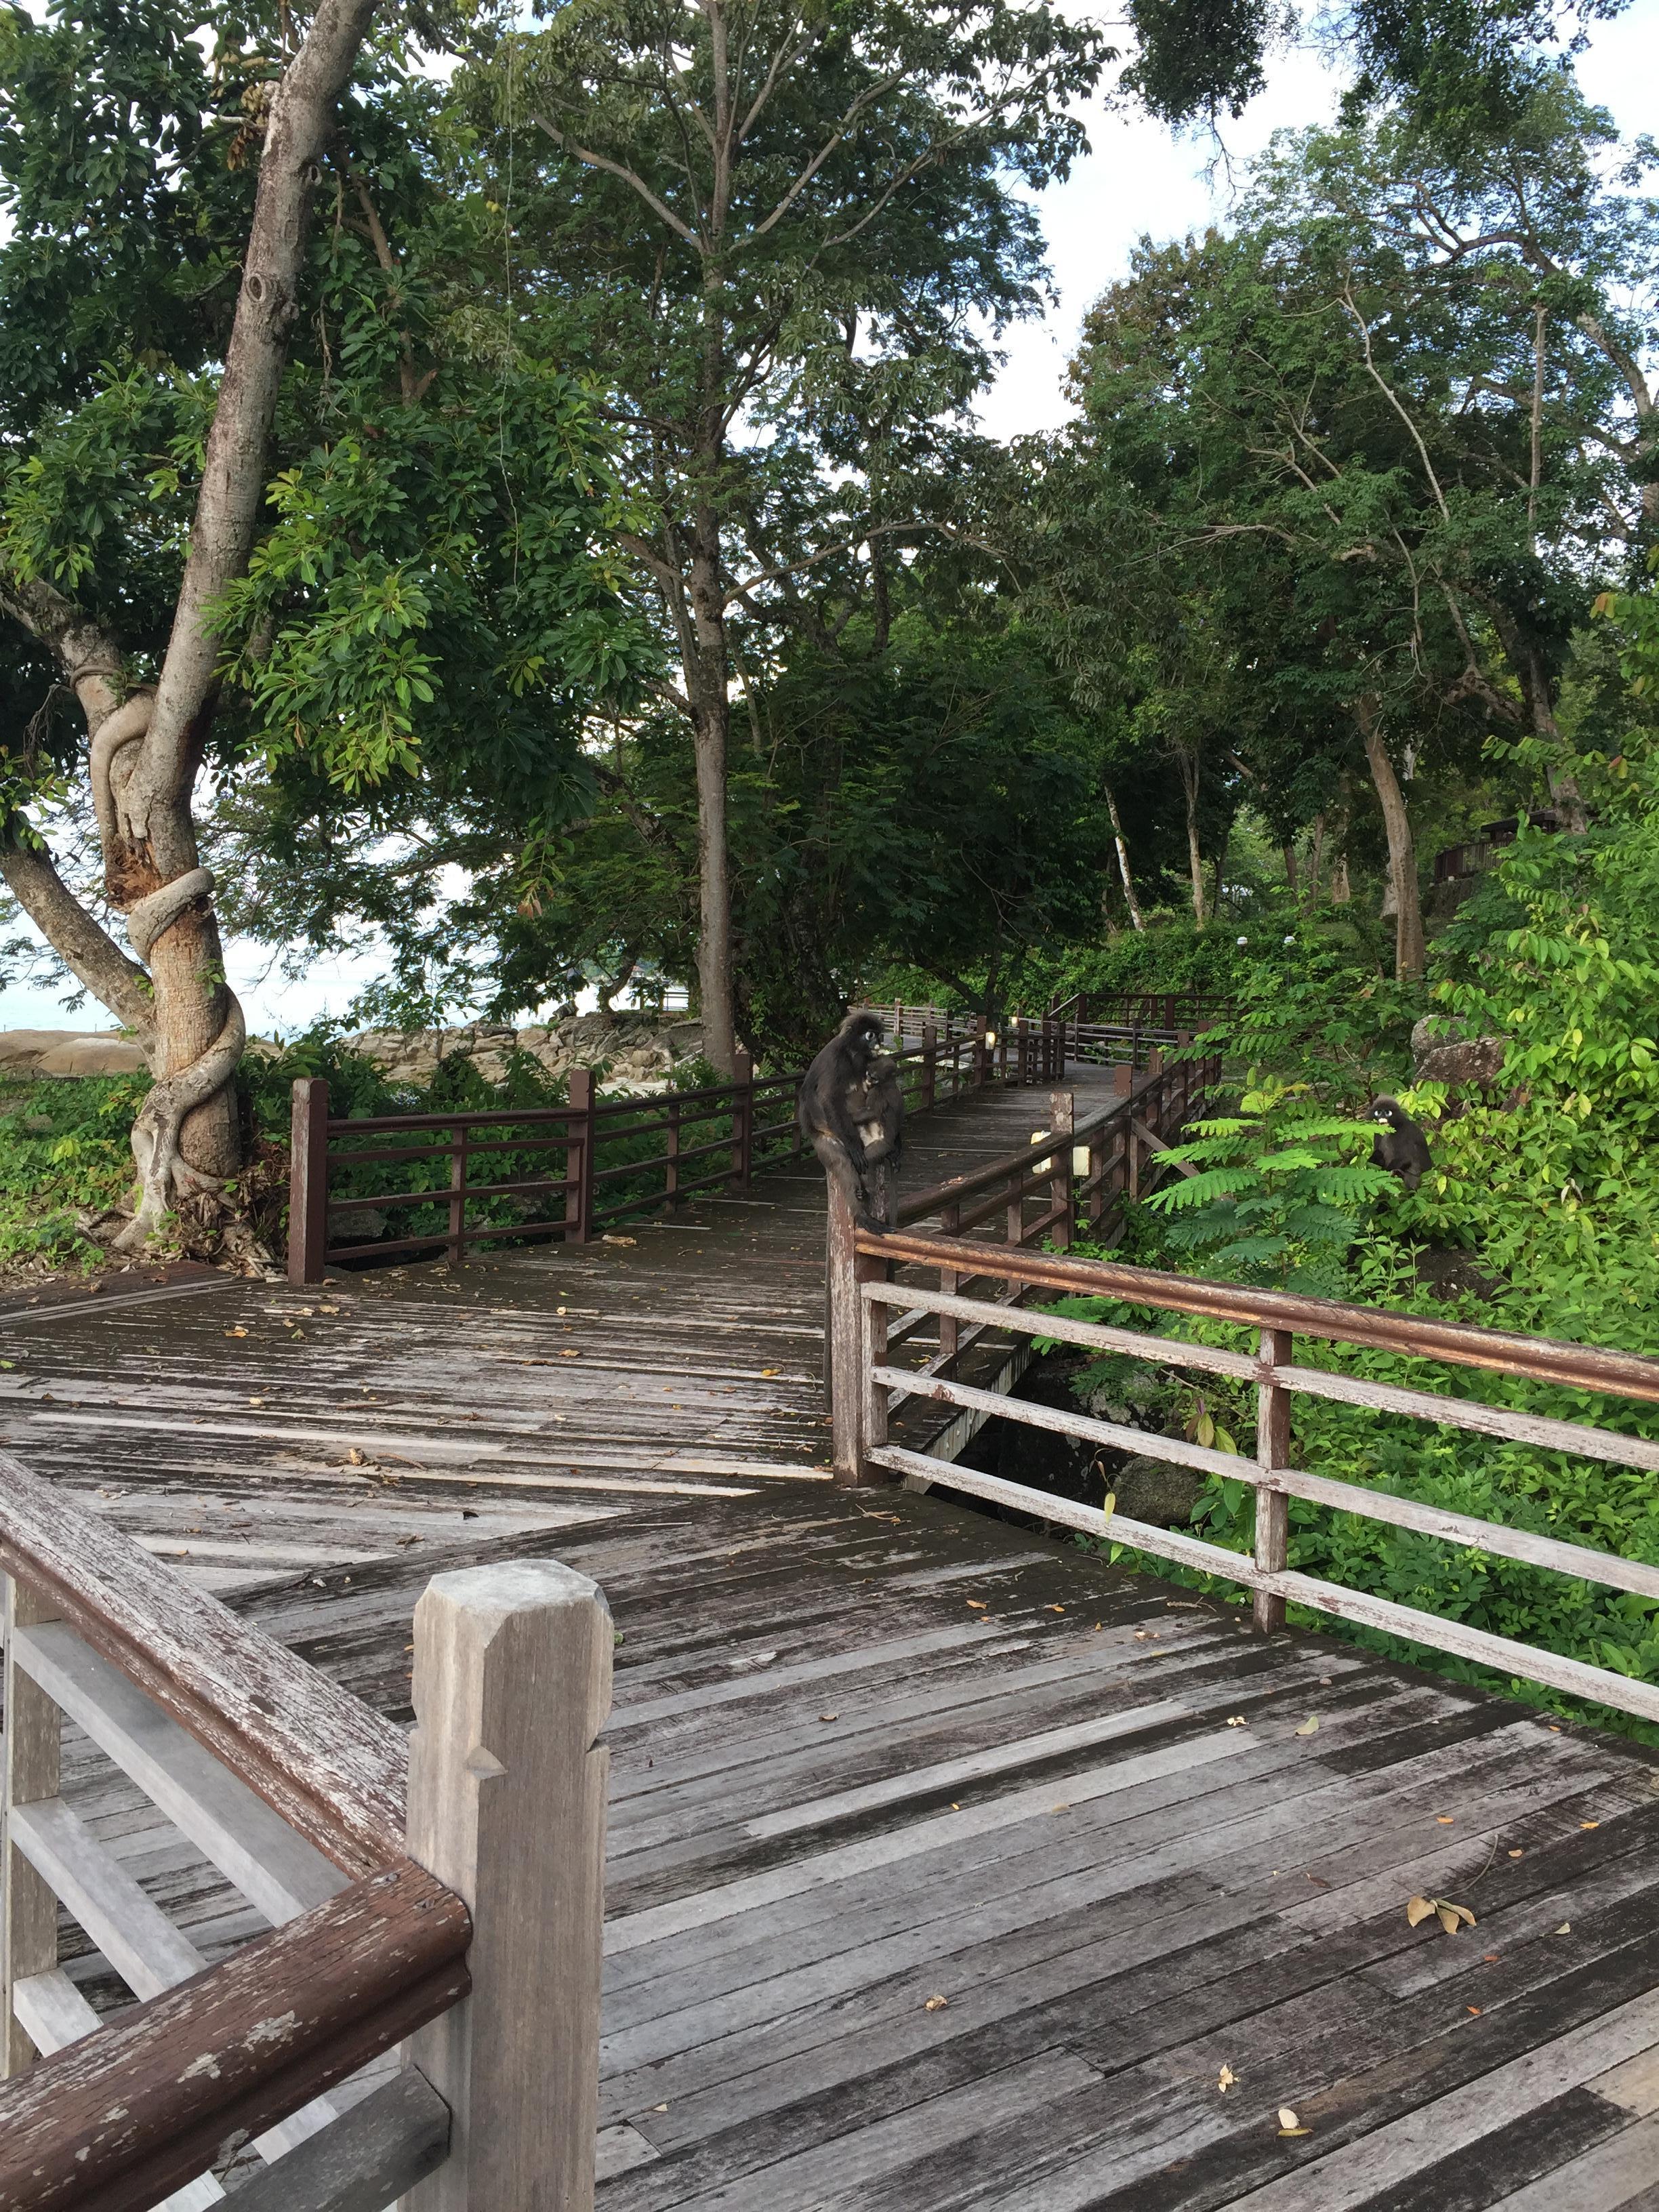 Monkeys on the boardwalk